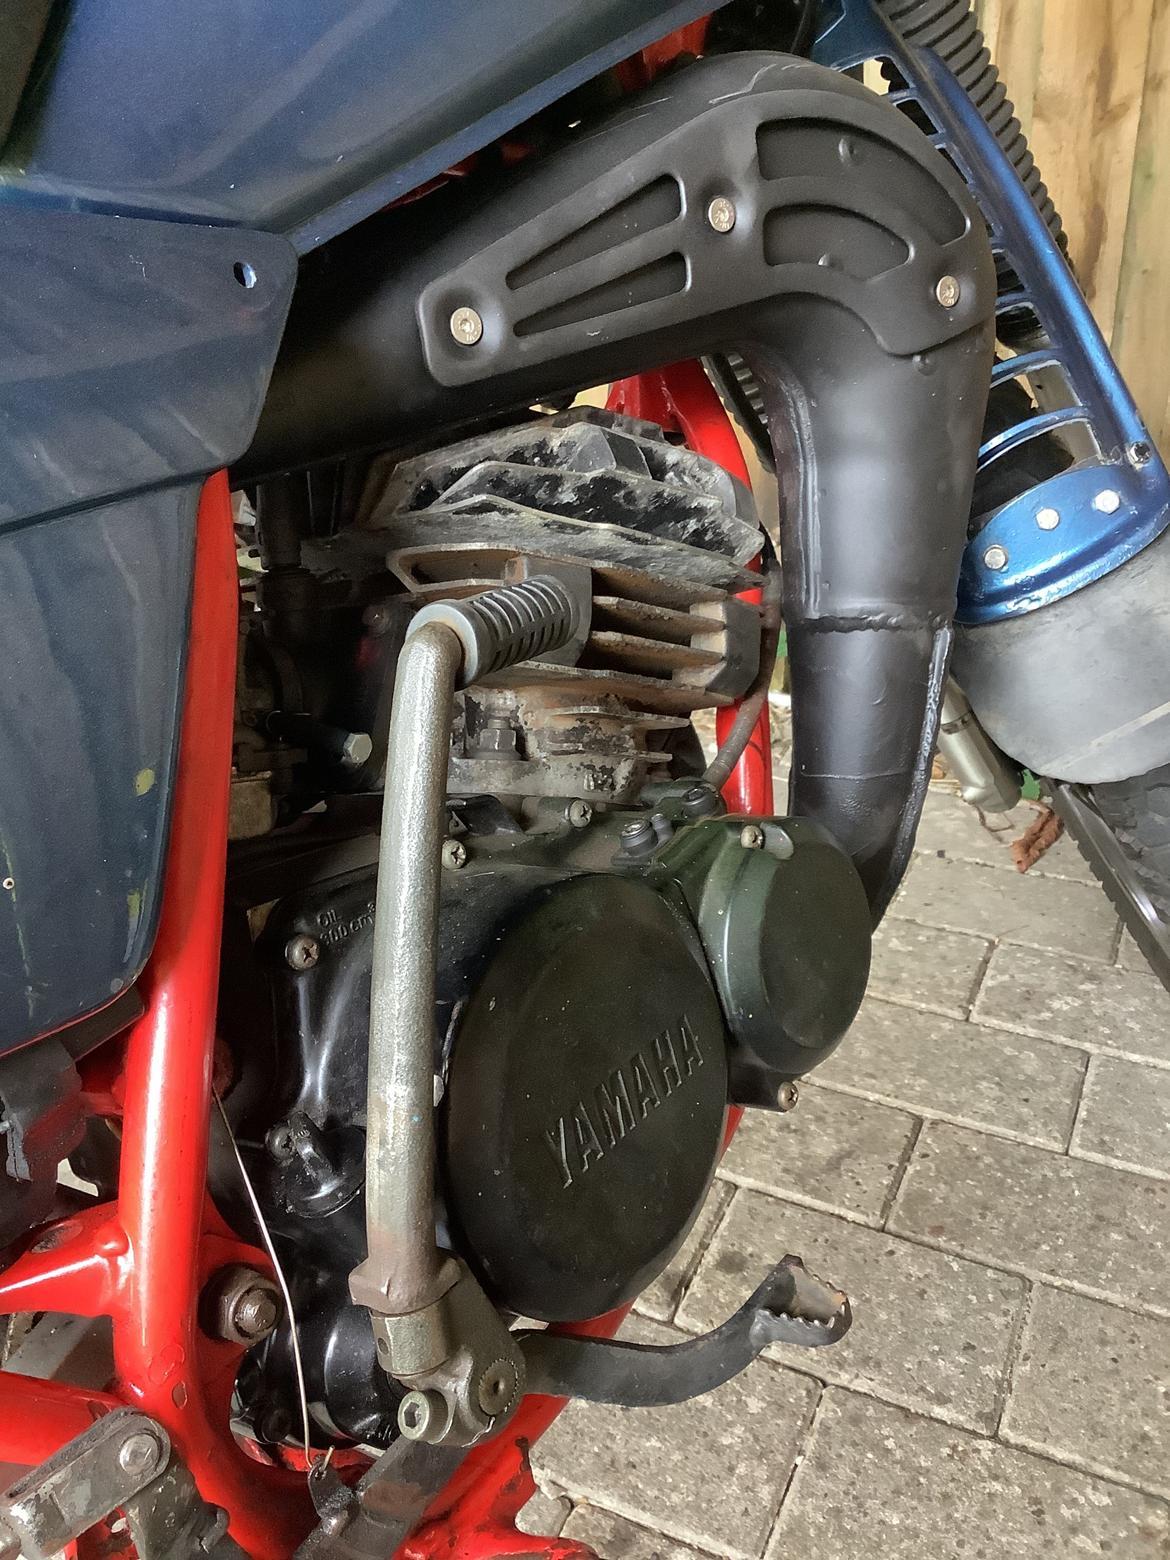 Yamaha DT 175 billede 8